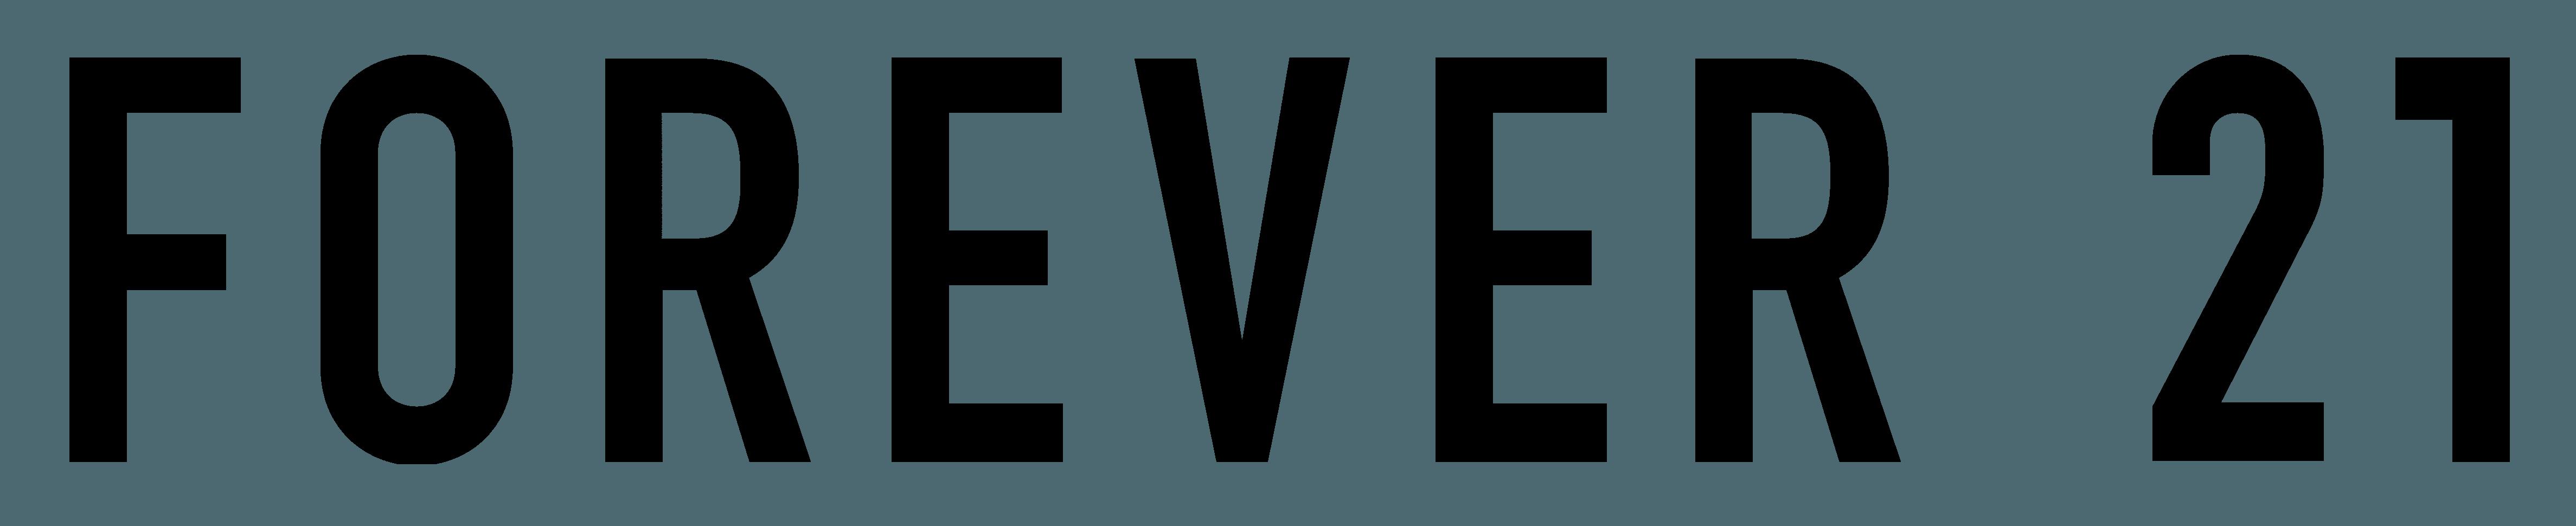 Bare ut Jysk rabattkod frakt Rabattkod daniel wellington blogg – Stayhard HV-58